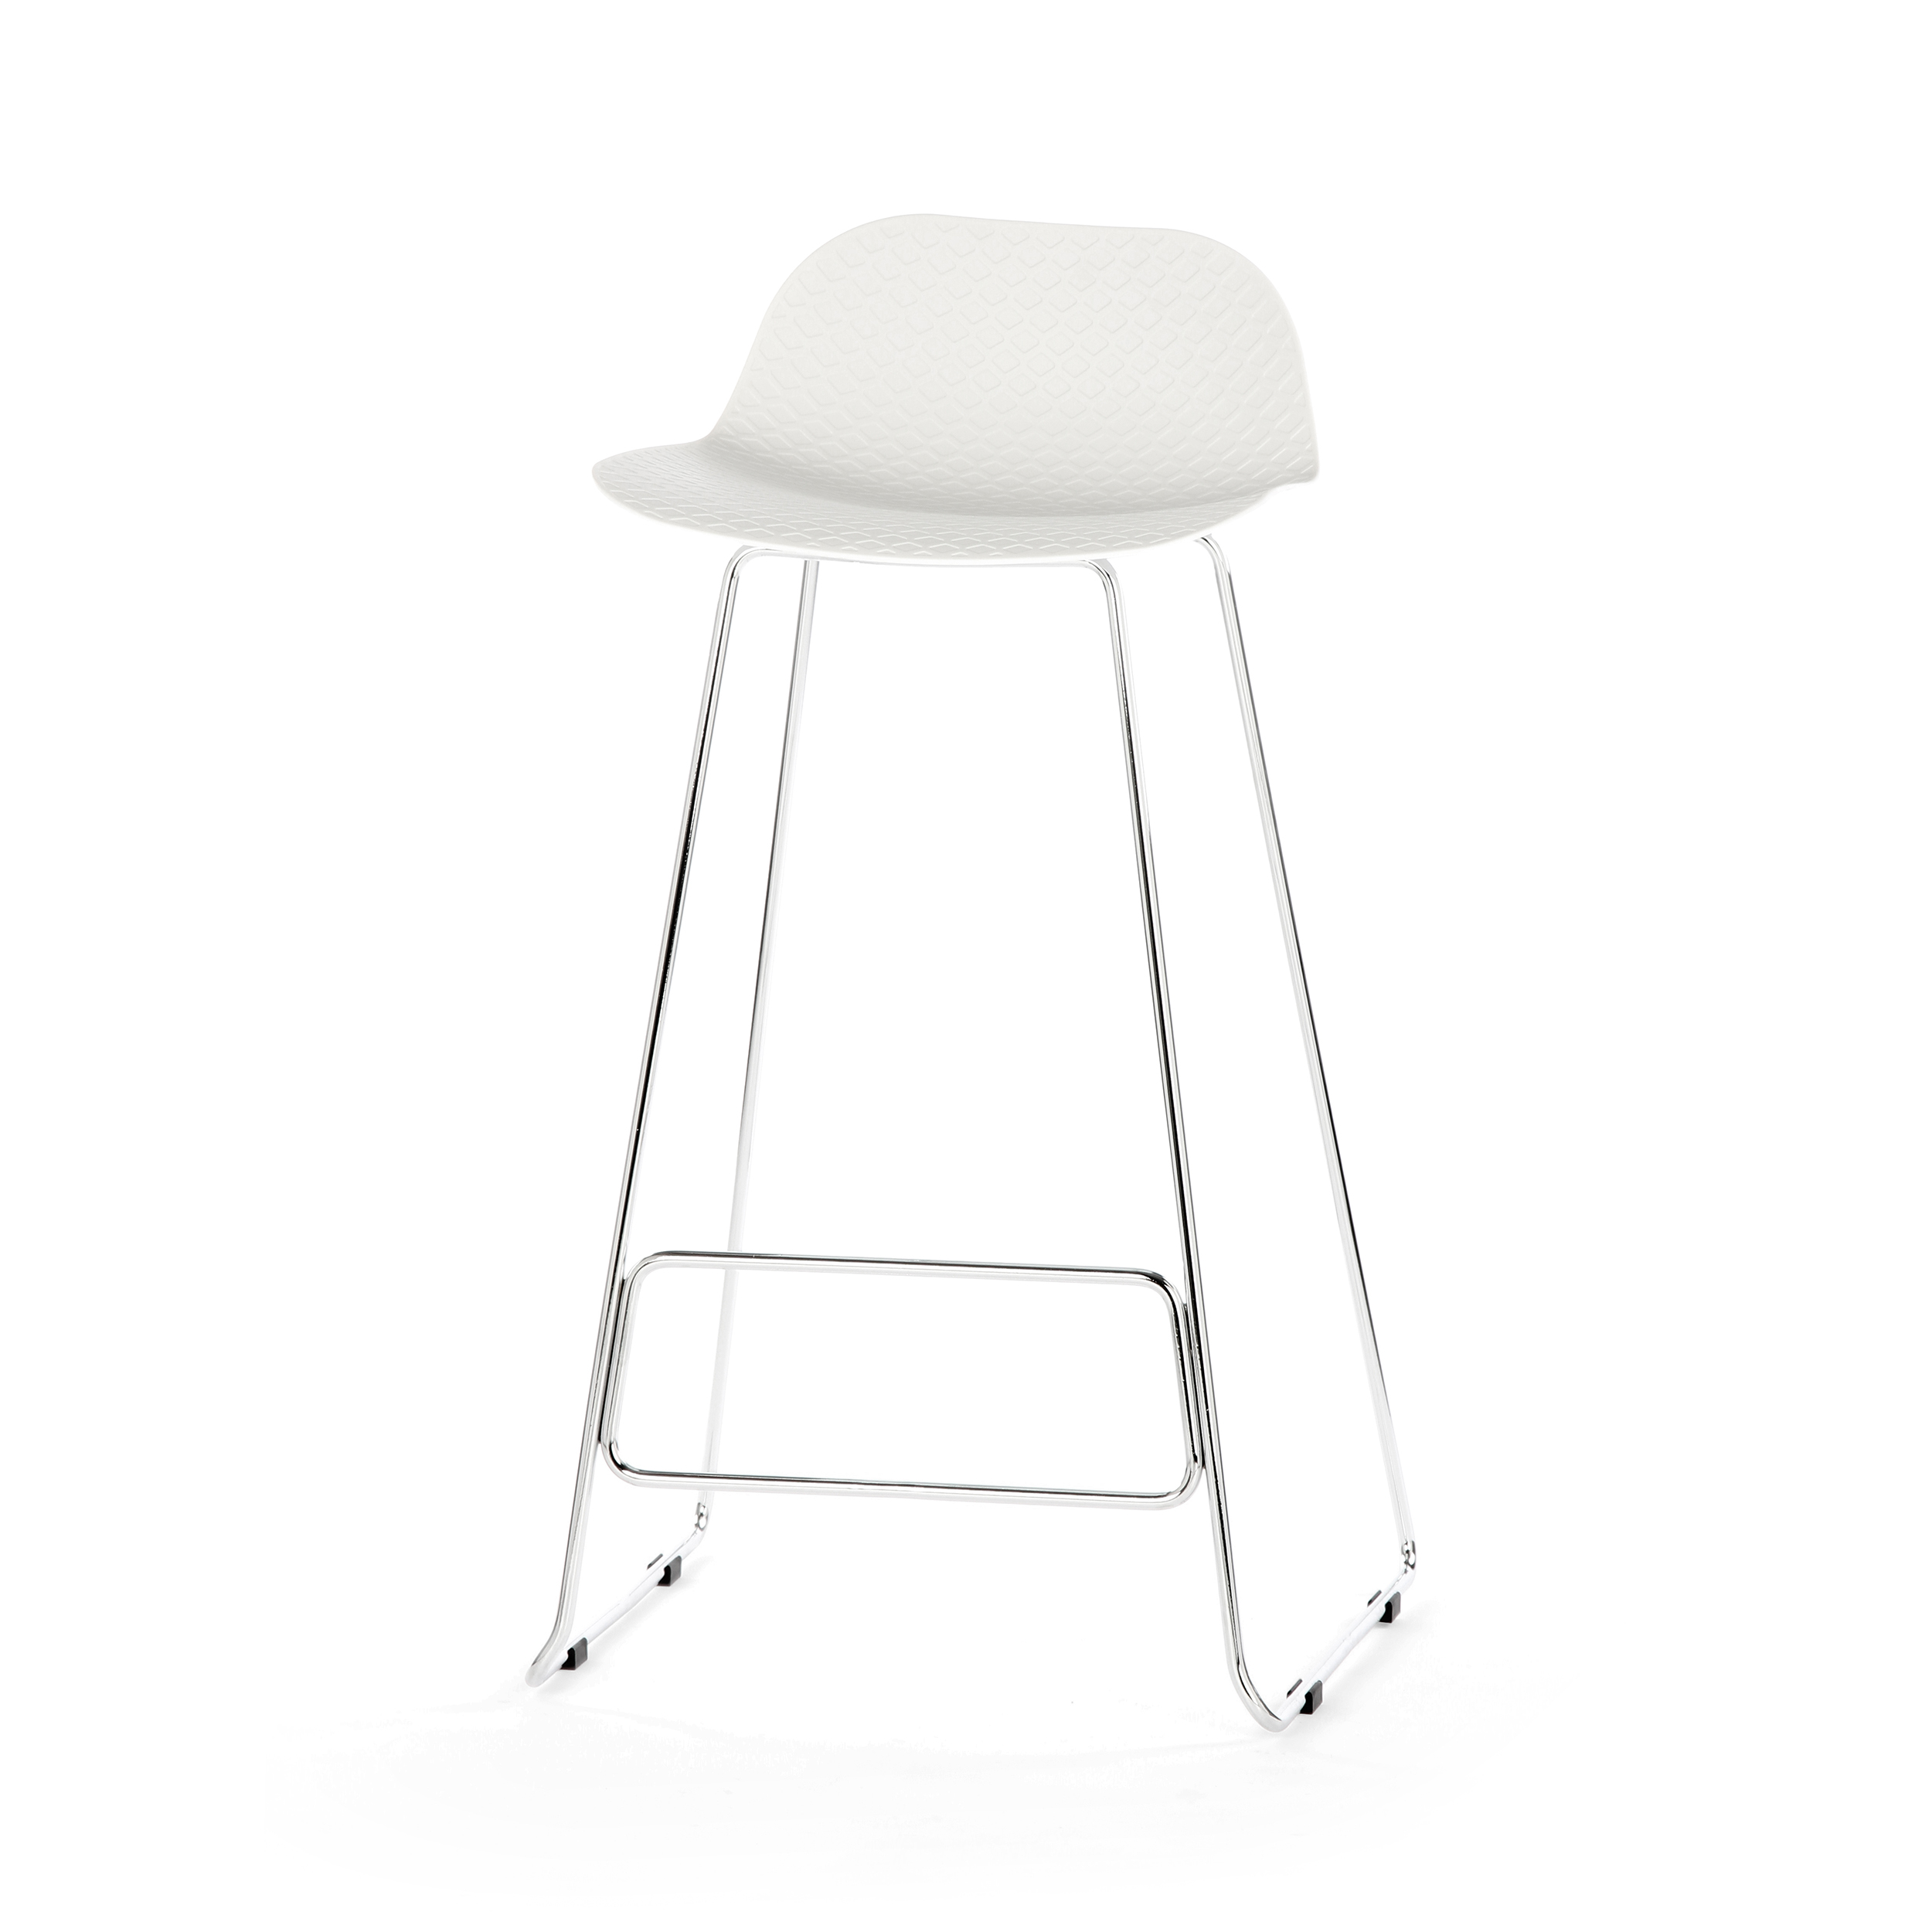 Барный стул CatinaБарные<br>Ультрасовременный дизайн барного стула Catina — это настоящий подарок для обладателя интерьера в стиле минимализм или хай-тек. Эти два стиля переосмысливают достижения высоких технологий о ценность свободного пространства и добавляют в них художественные черты. Барный стул Catina — прекрасный тому пример. Он отличается высокой функциональностью, лаконичным оформлением и необыкновенно красивыми, плавными линиями и белоснежным цветом.<br><br><br> Барный стул Catina изготовлен из современных матер...<br><br>stock: 0<br>Высота: 93<br>Высота сиденья: 76<br>Ширина: 48.5<br>Глубина: 49.5<br>Цвет ножек: Хром<br>Цвет сидения: Белый<br>Тип материала сидения: Полипропилен<br>Тип материала ножек: Сталь